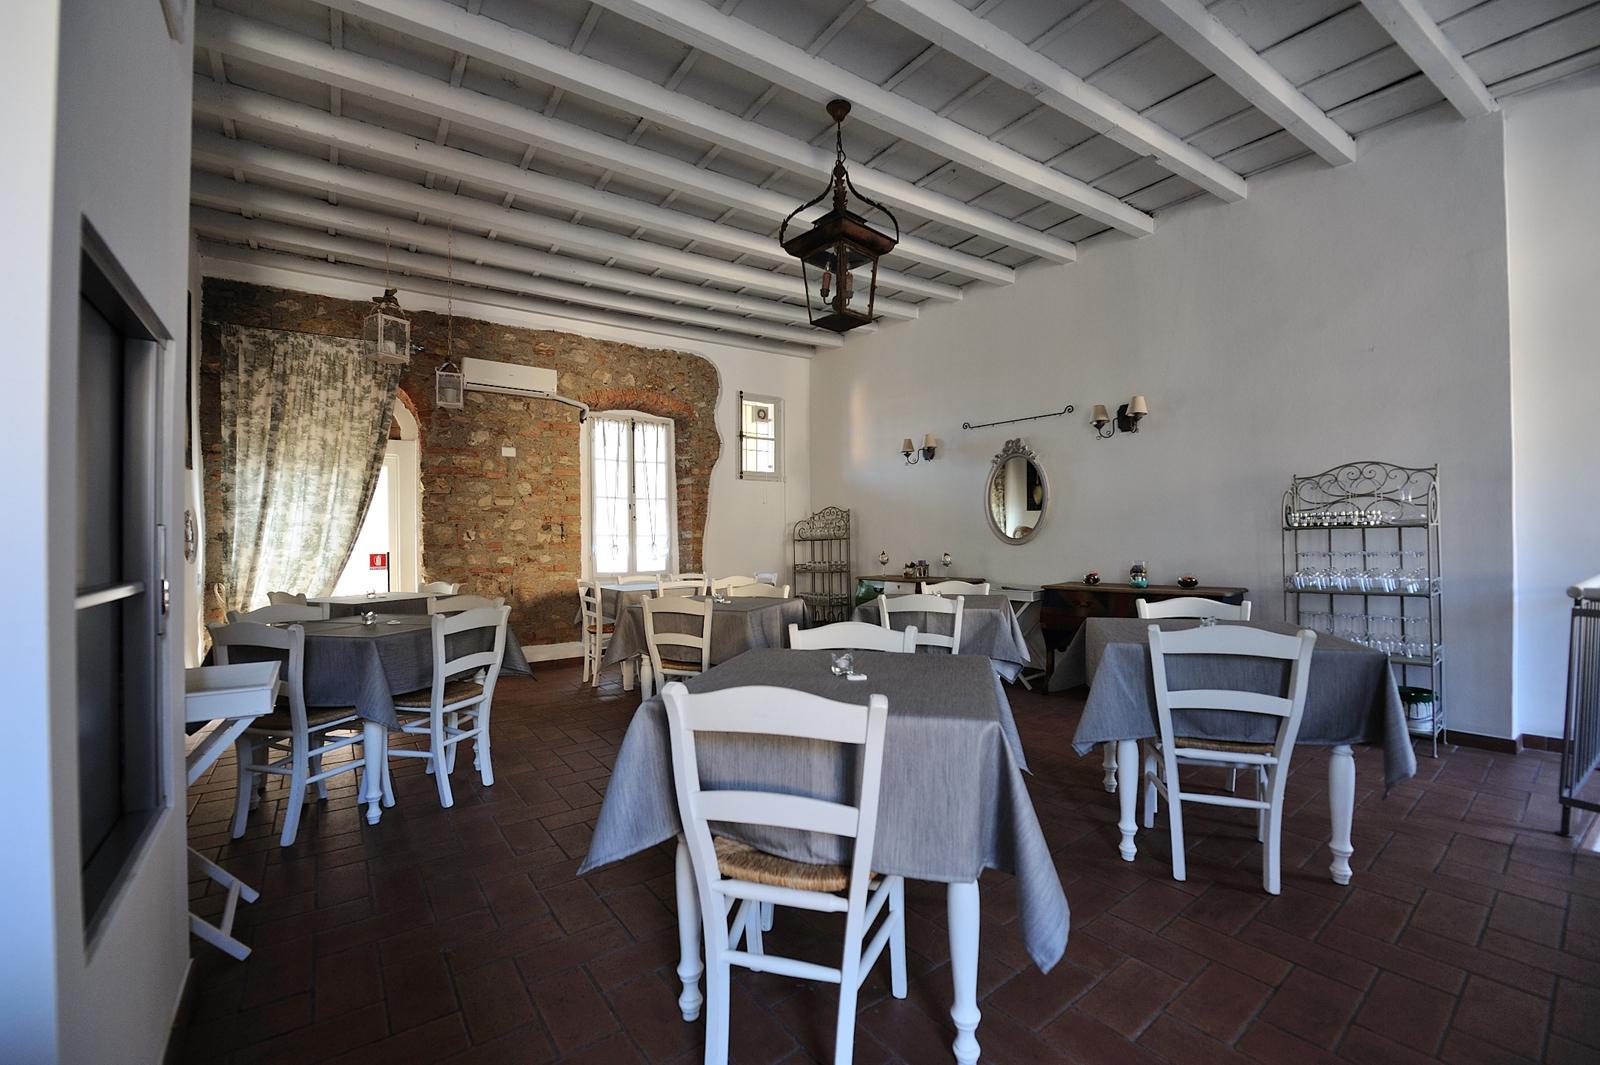 ristorante con sala per eventi a brescia civico 84